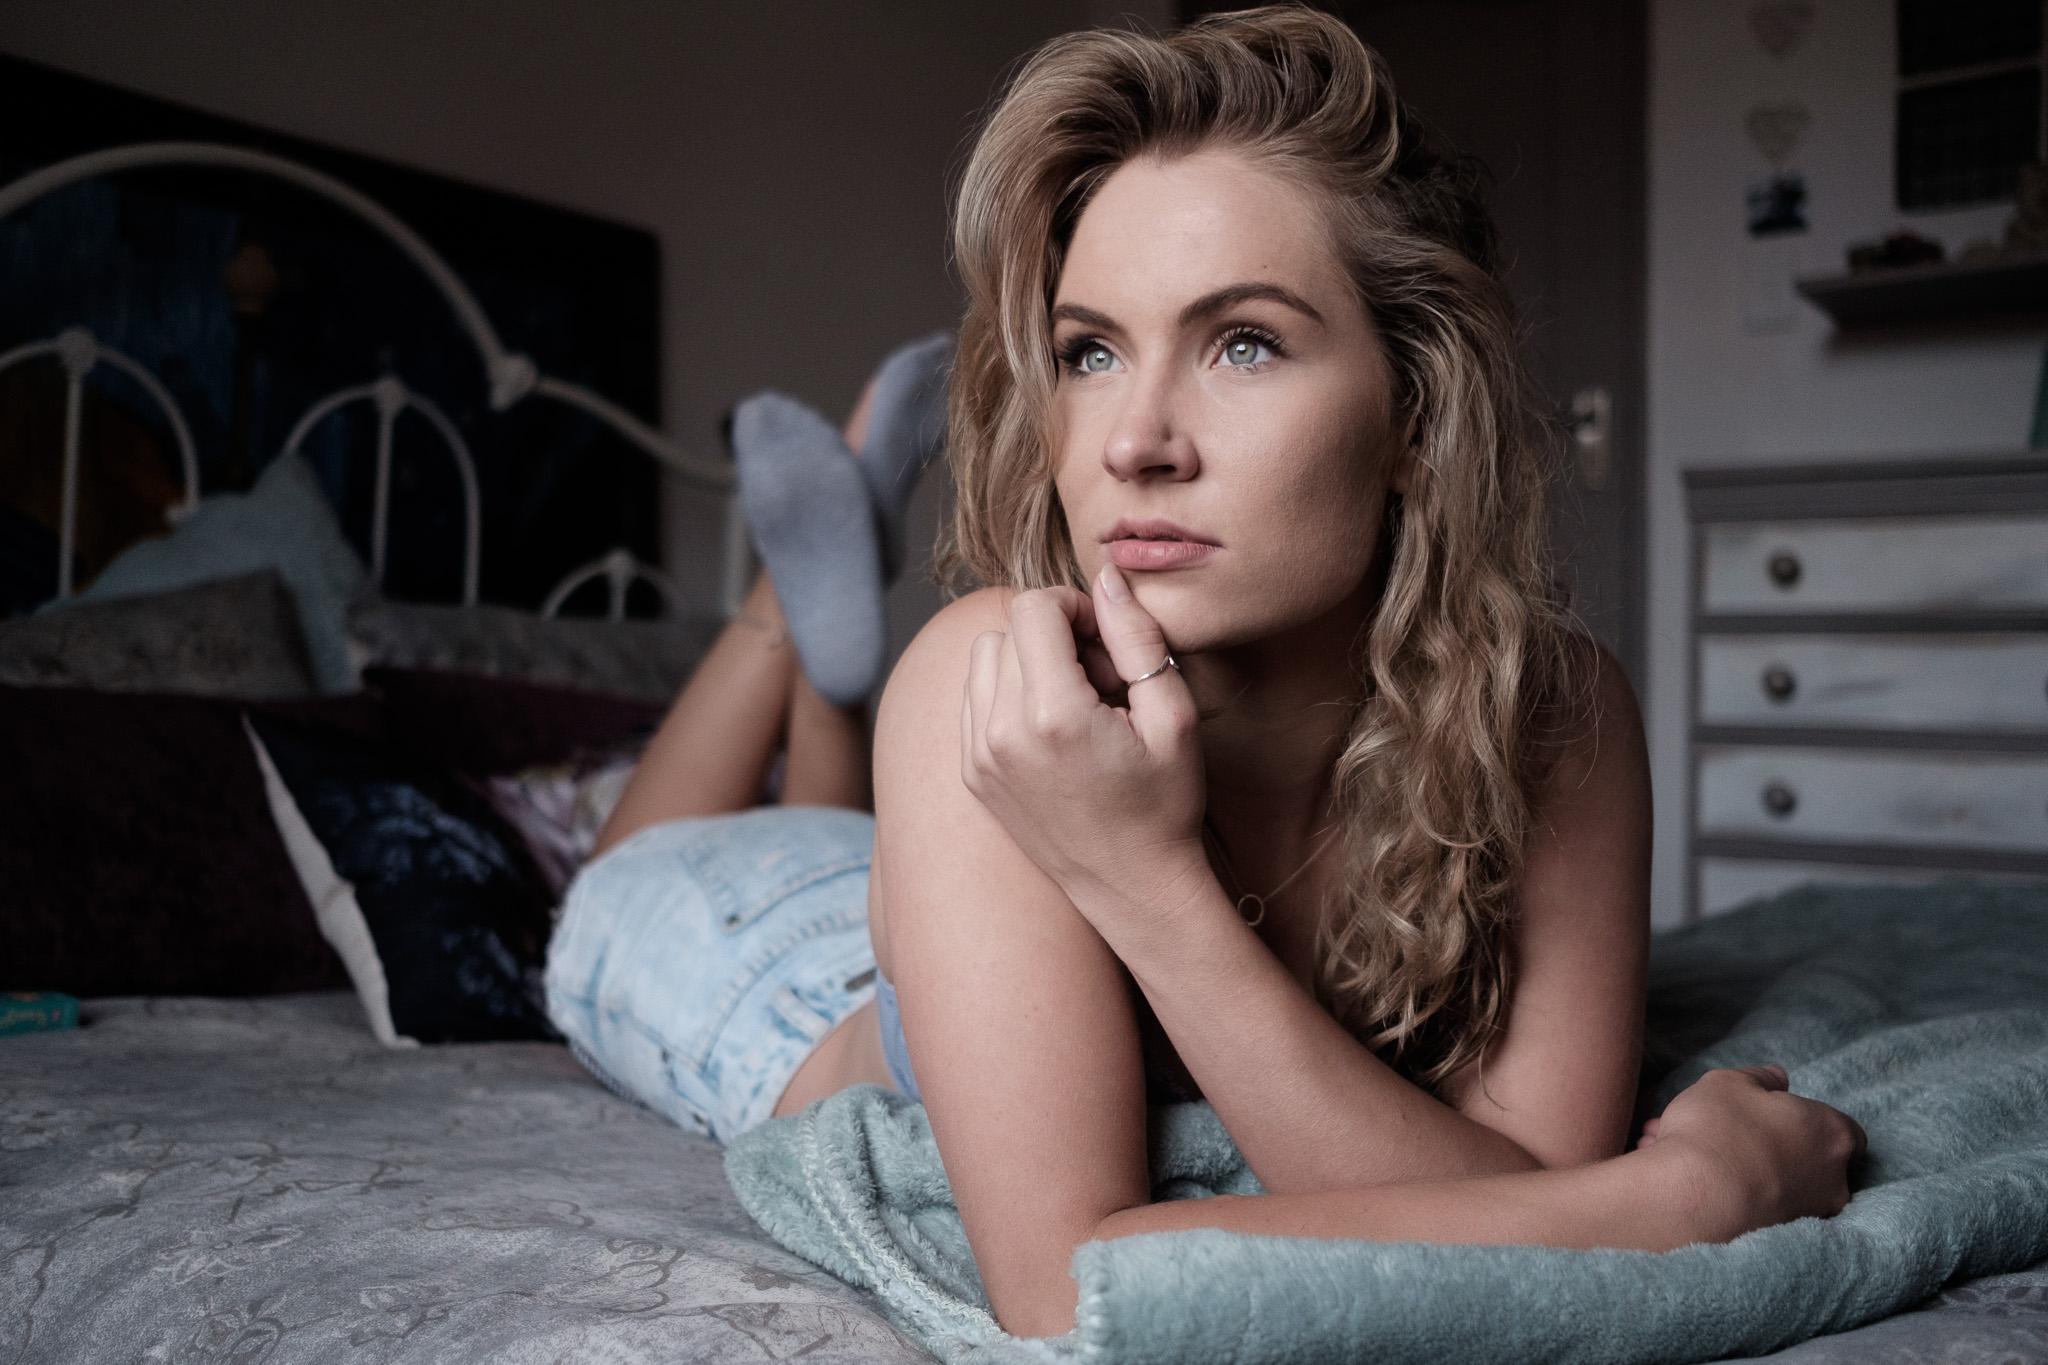 Marli - Lifestyle - Cath Tatham Photography